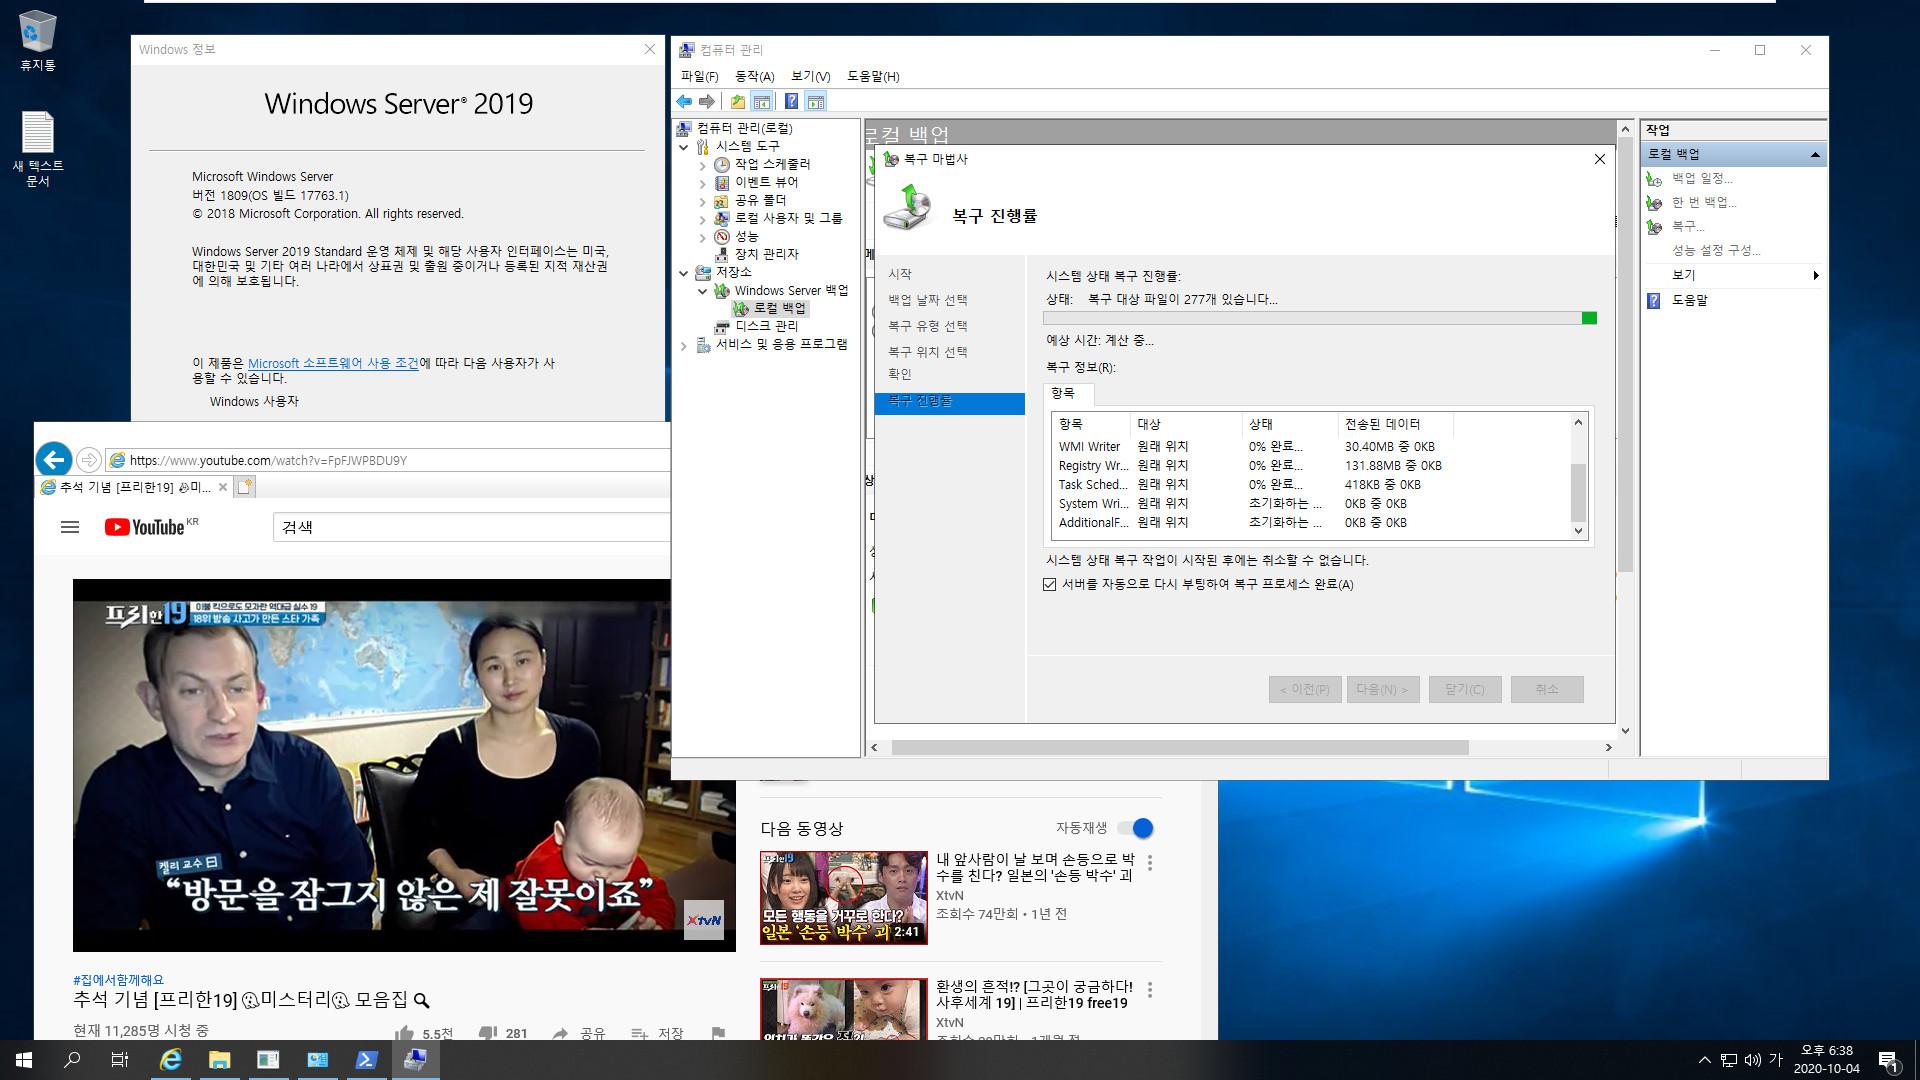 윈도우 서버군은 윈도우 사용중에도 자체 WBadmin 명령으로 윈도우 복구를 합니다 - Windows Server 2019로 복구 테스트 2020-10-04_183829.jpg